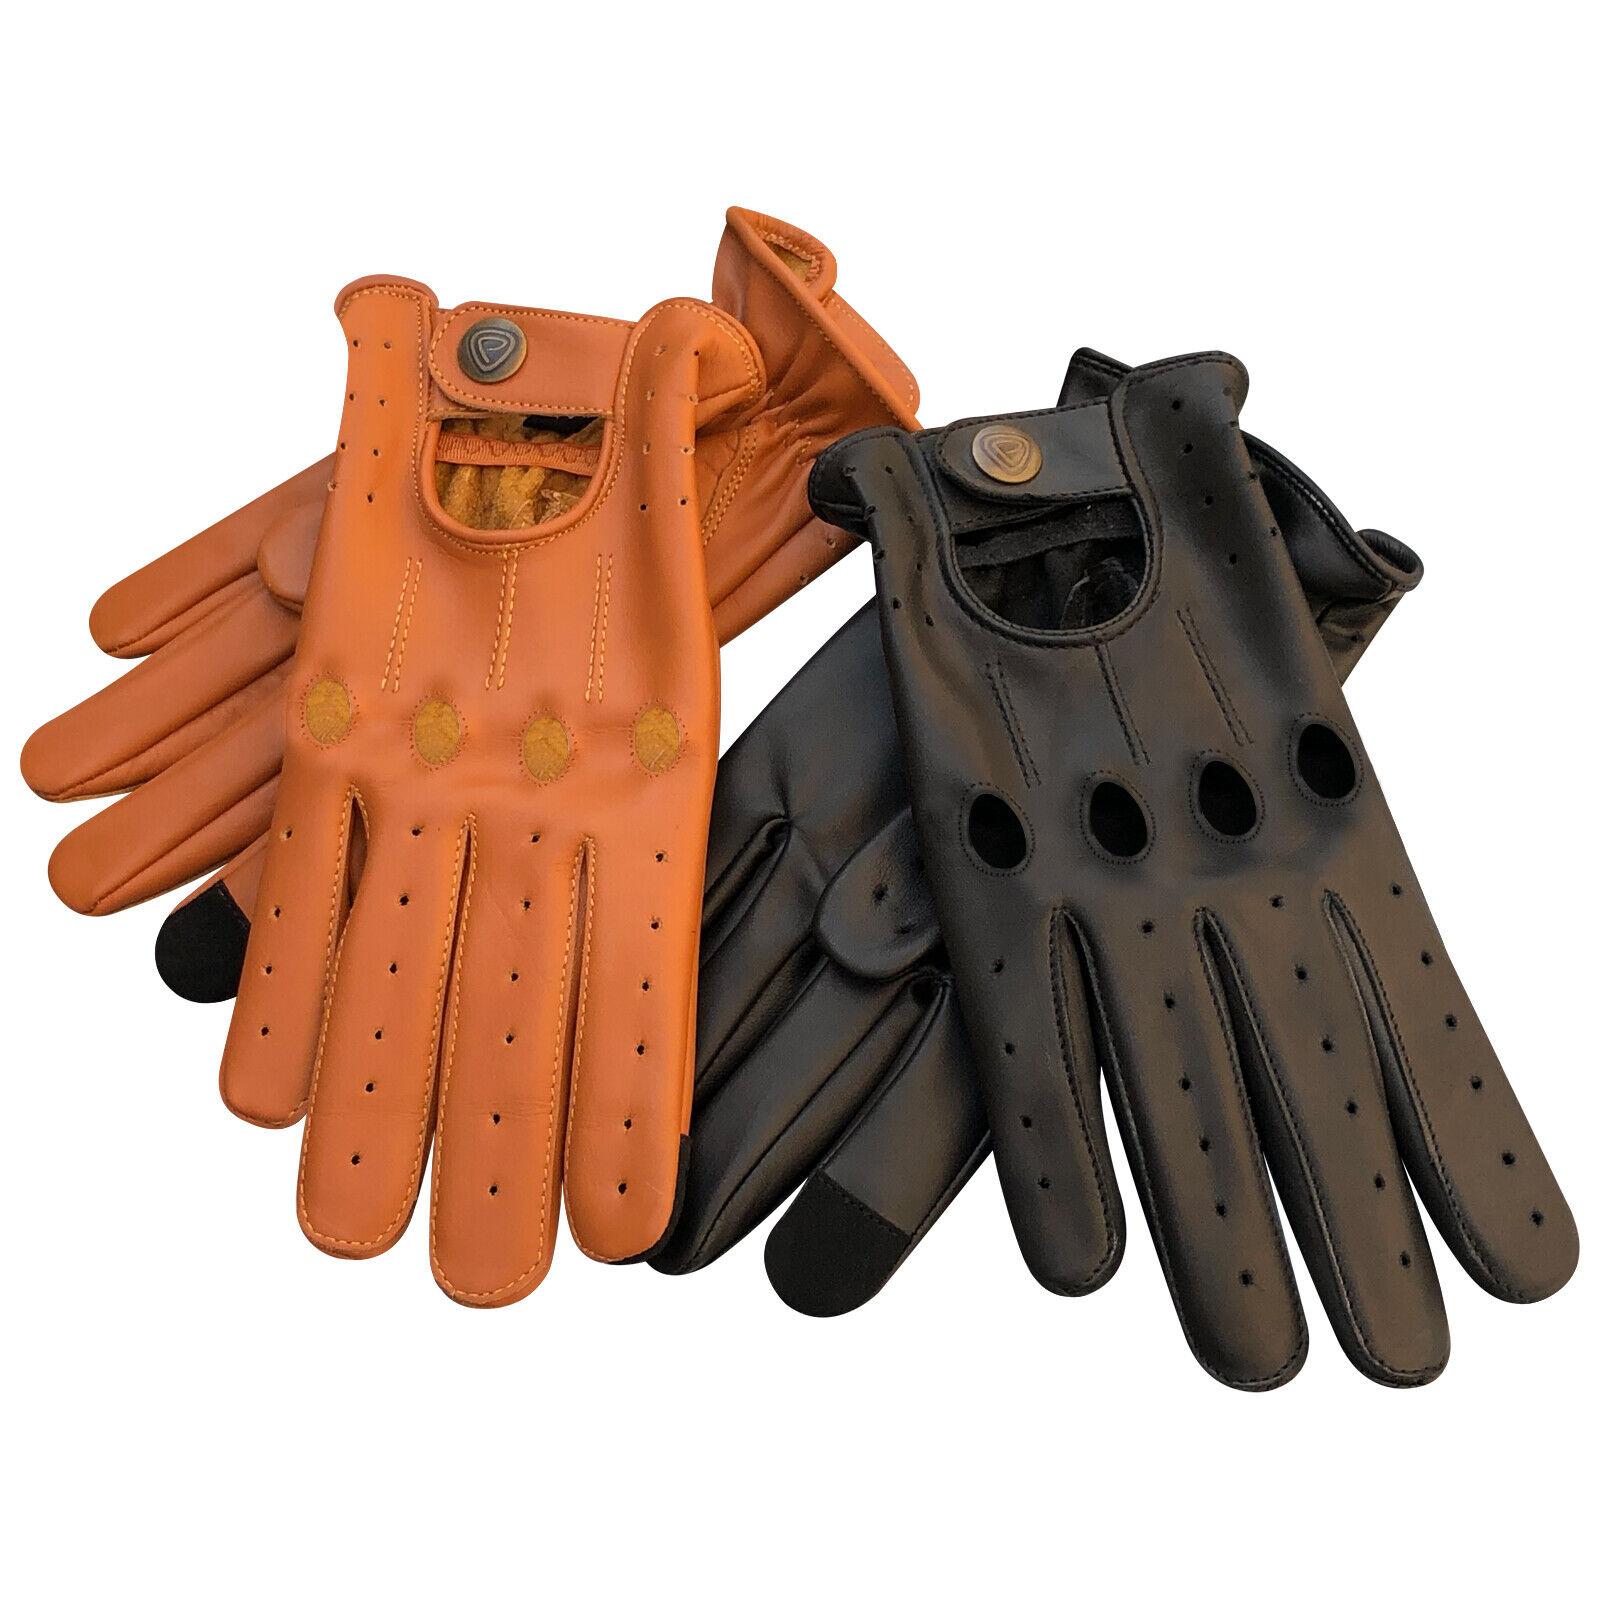 New Men's genuine Lightweight Leather Driving Gloves-Touchscreen Full Finger 507